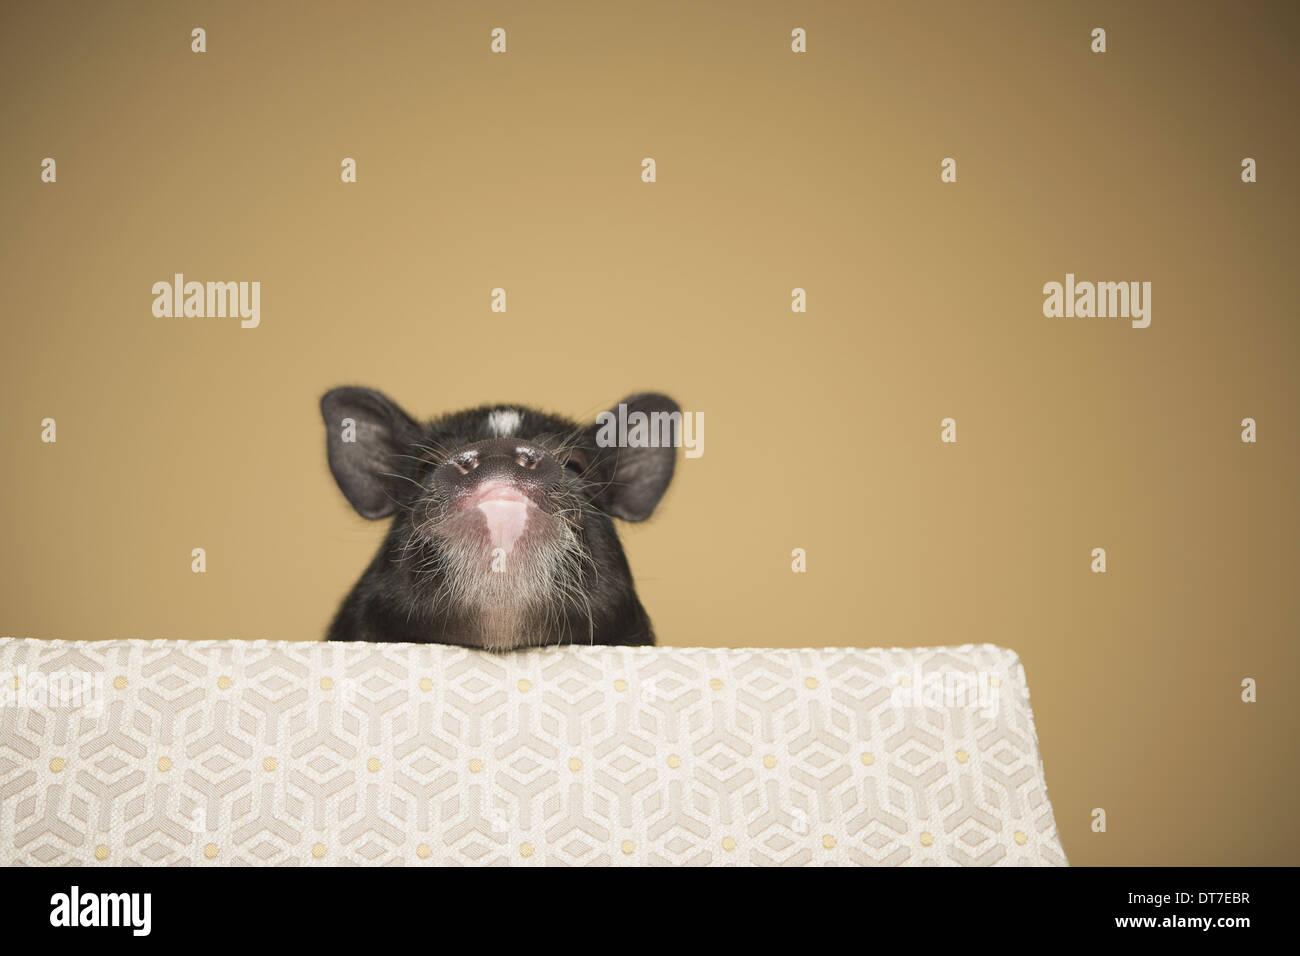 Un petit cochon sur sur le bord d'un lit dans une chambre intérieure Austin Texas USA Photo Stock